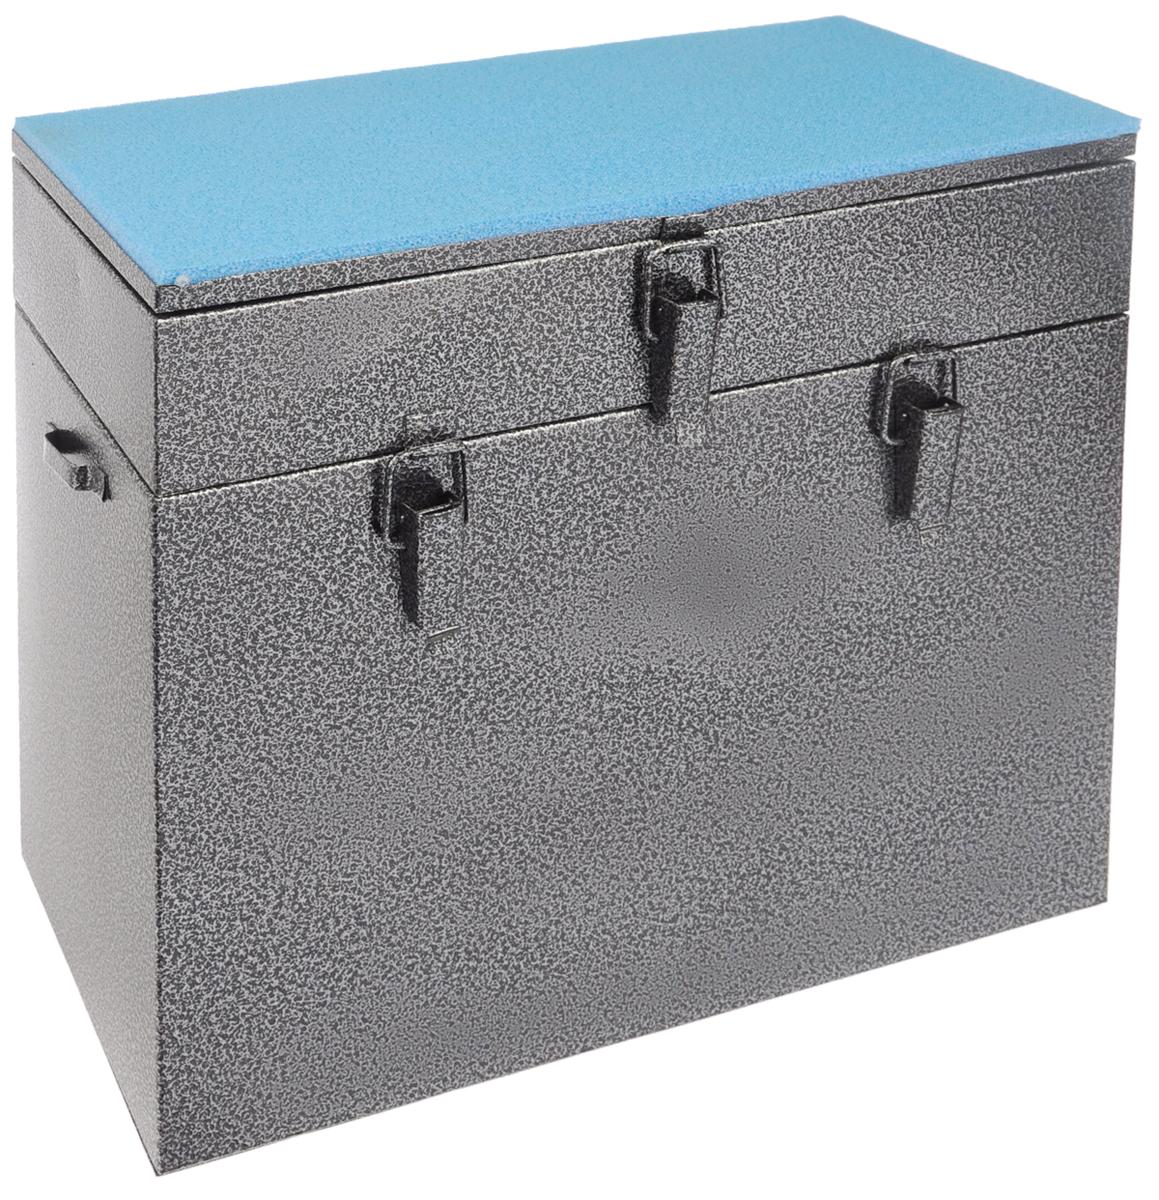 Ящик рыболова Рост, двухъярусный, окрашенный, 40 см х 19 см х 36 см26723Ящик Рост представляет собой усовершенствованный вариант классического рыбацкого зимнего ящика. Эта деталь снаряжения может служить для транспортировки снастей и термоса с обедом, используется как сидение, а при удаче в него можно загрузить улов. Корпус ящика изготовлен из листовой стали. Служащая сиденьем верхняя часть крышки оклеена плотным теплоизолятором - пенополиэтиленом с рифленой поверхностью. Верхний ярус ящика - это отдельная емкость, разделенная внутренними перегородками на 3 отсека. Ниже располагается основной внутренний объем, который откроется, если отстегнуть пару защелок и приподнять верхний ярус вместе с крышкой. Боковые стенки ящика снабжены петлями для крепления идущего в комплекте плечевого ремня. Для удобства переноски петли закреплены под углом. Такая модель станет хорошим многофункциональным дополнением к снаряжению любителя зимней рыбалки.